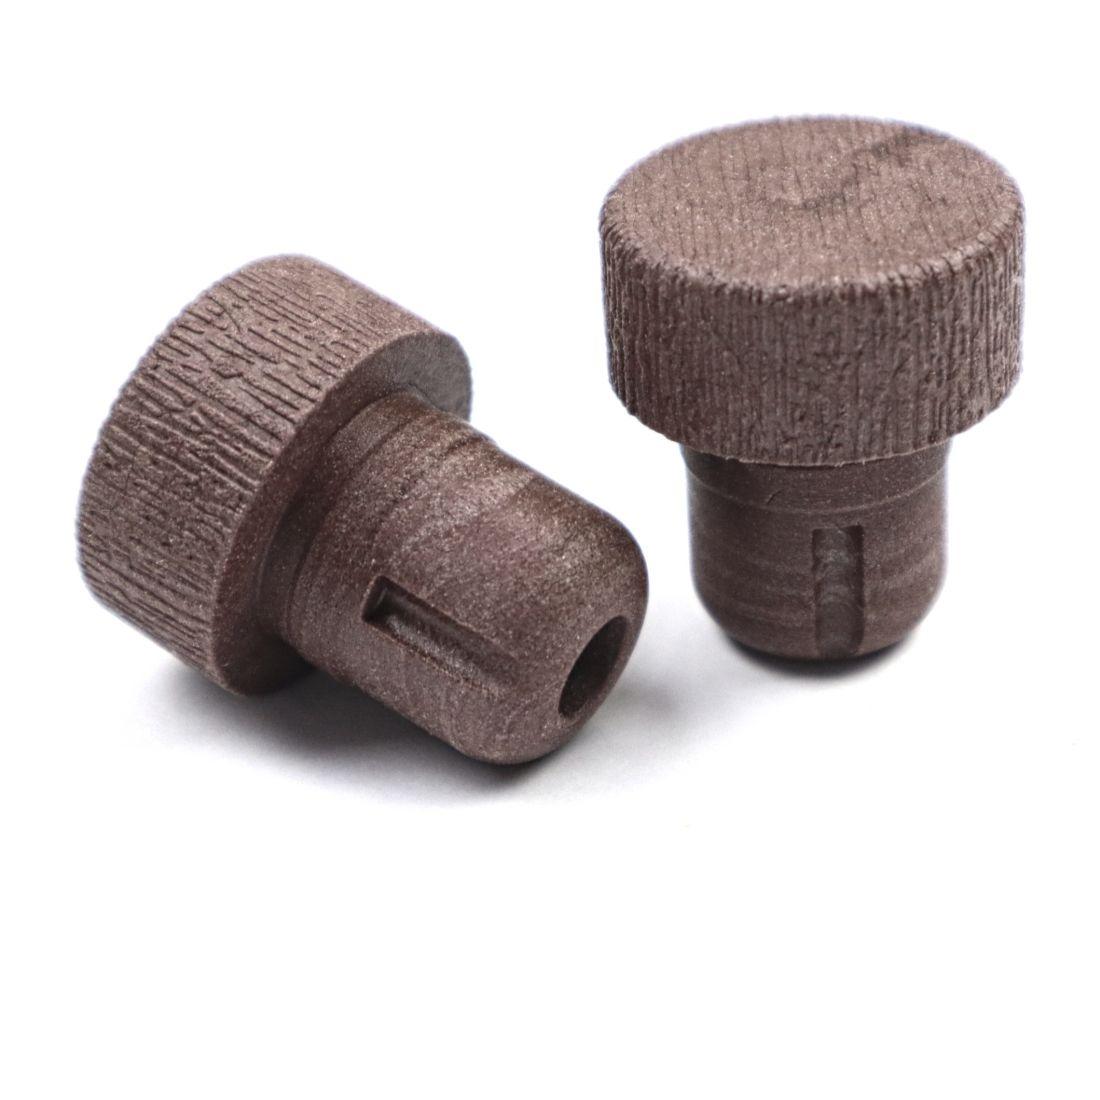 Пробка Камю, колпачок под дерево, коричневая, 18,5 мм (10 шт)